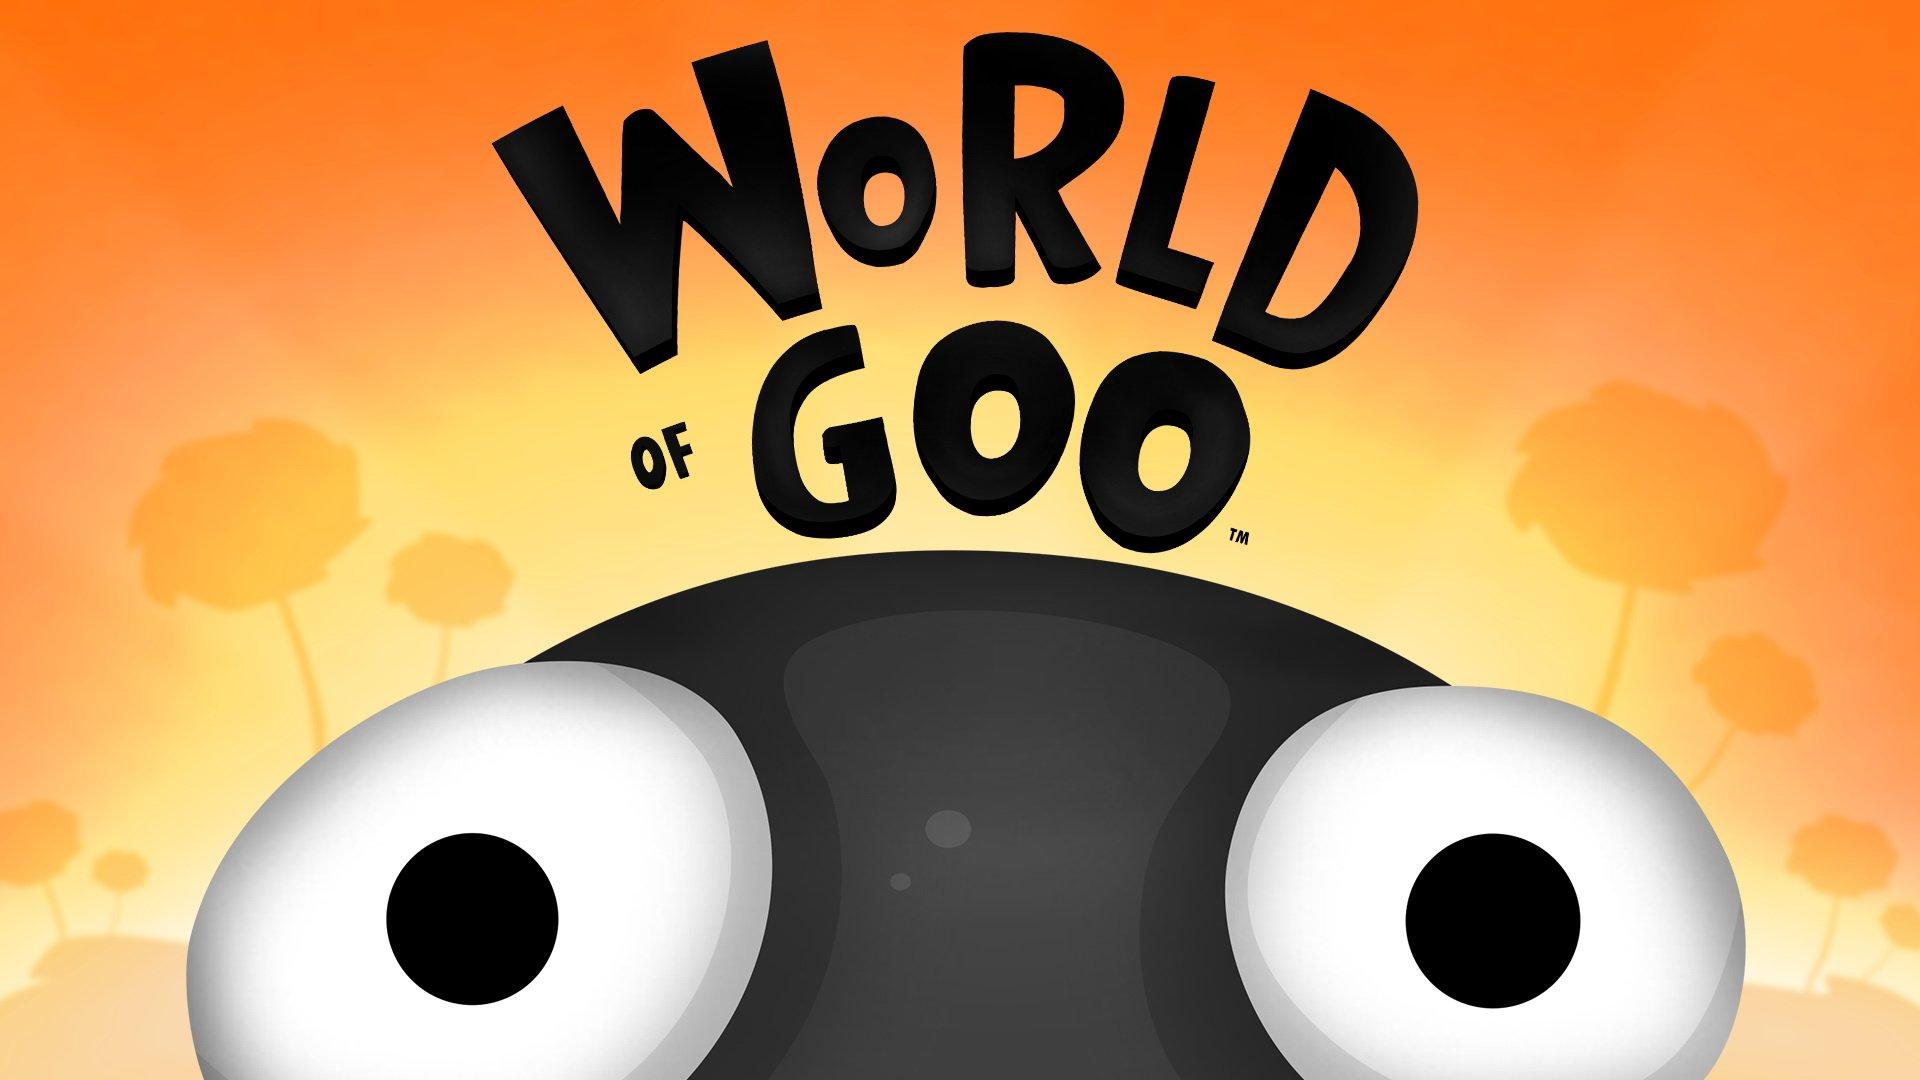 آپدیت جدید World of Goo در انحصار زمانی فروشگاه اپیک گیمز خواهد بود